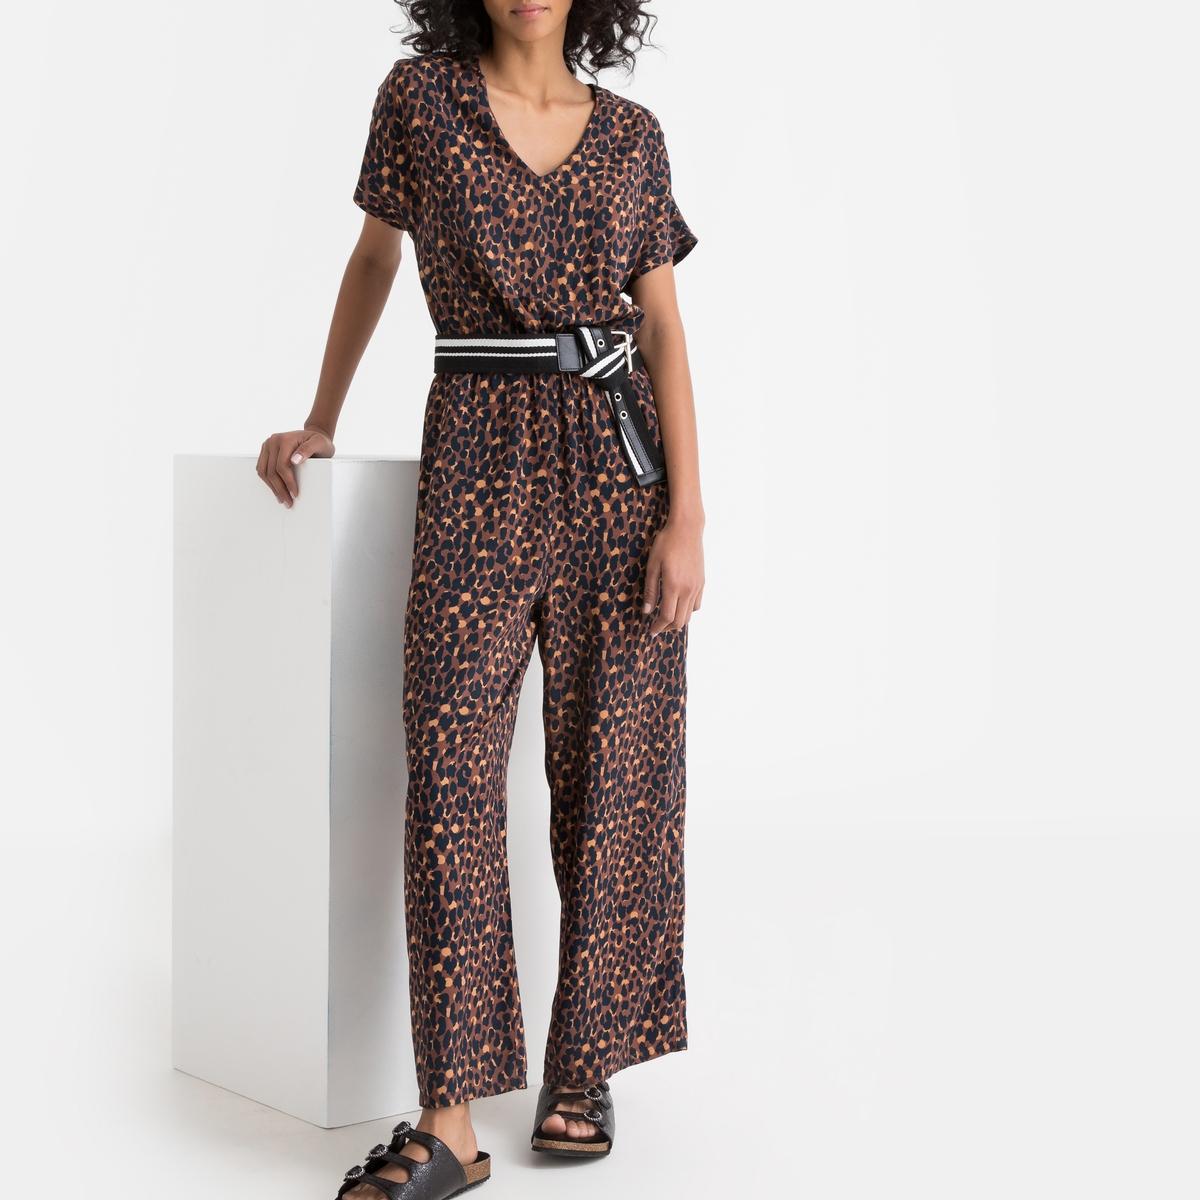 Комбинезон La Redoute С брюками с леопардовым рисунком 34 (FR) - 40 (RUS) фиолетовый комбинезон с брюками однотонный